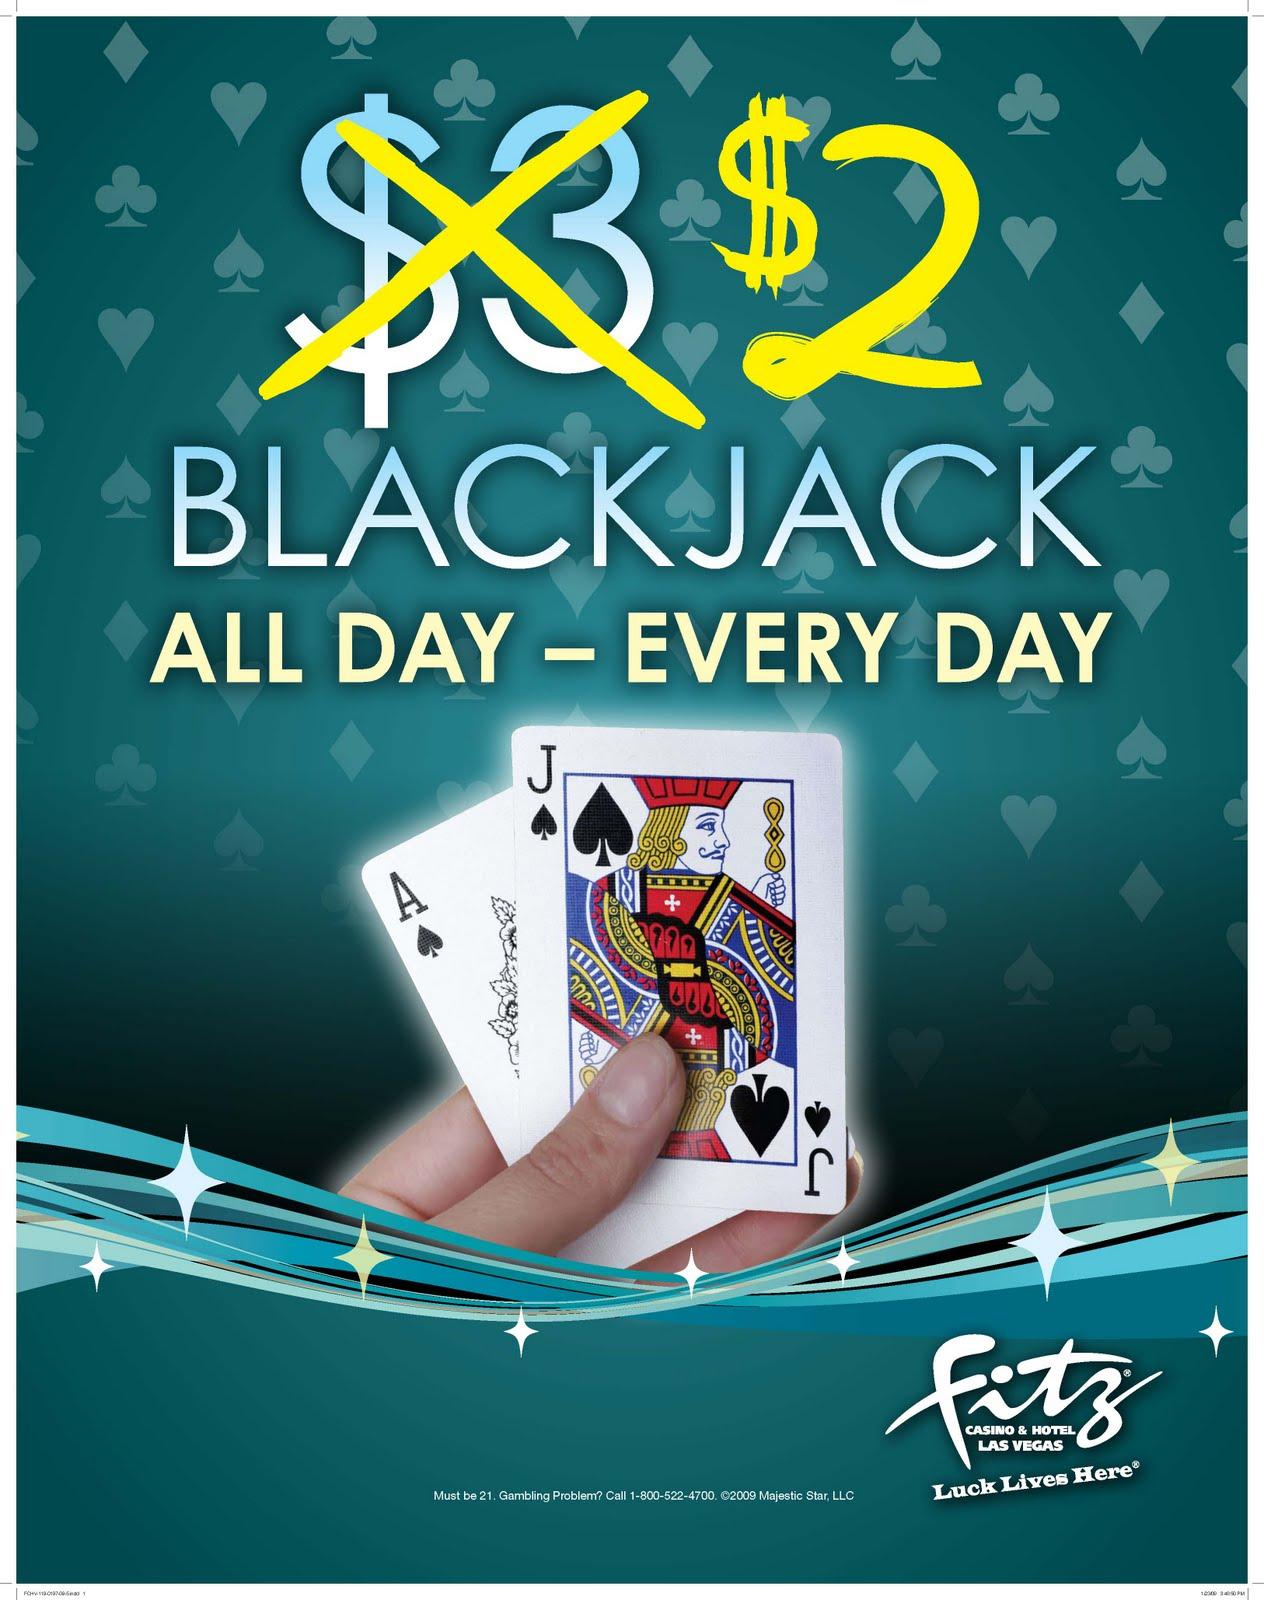 $5 blackjack downtown las vegas